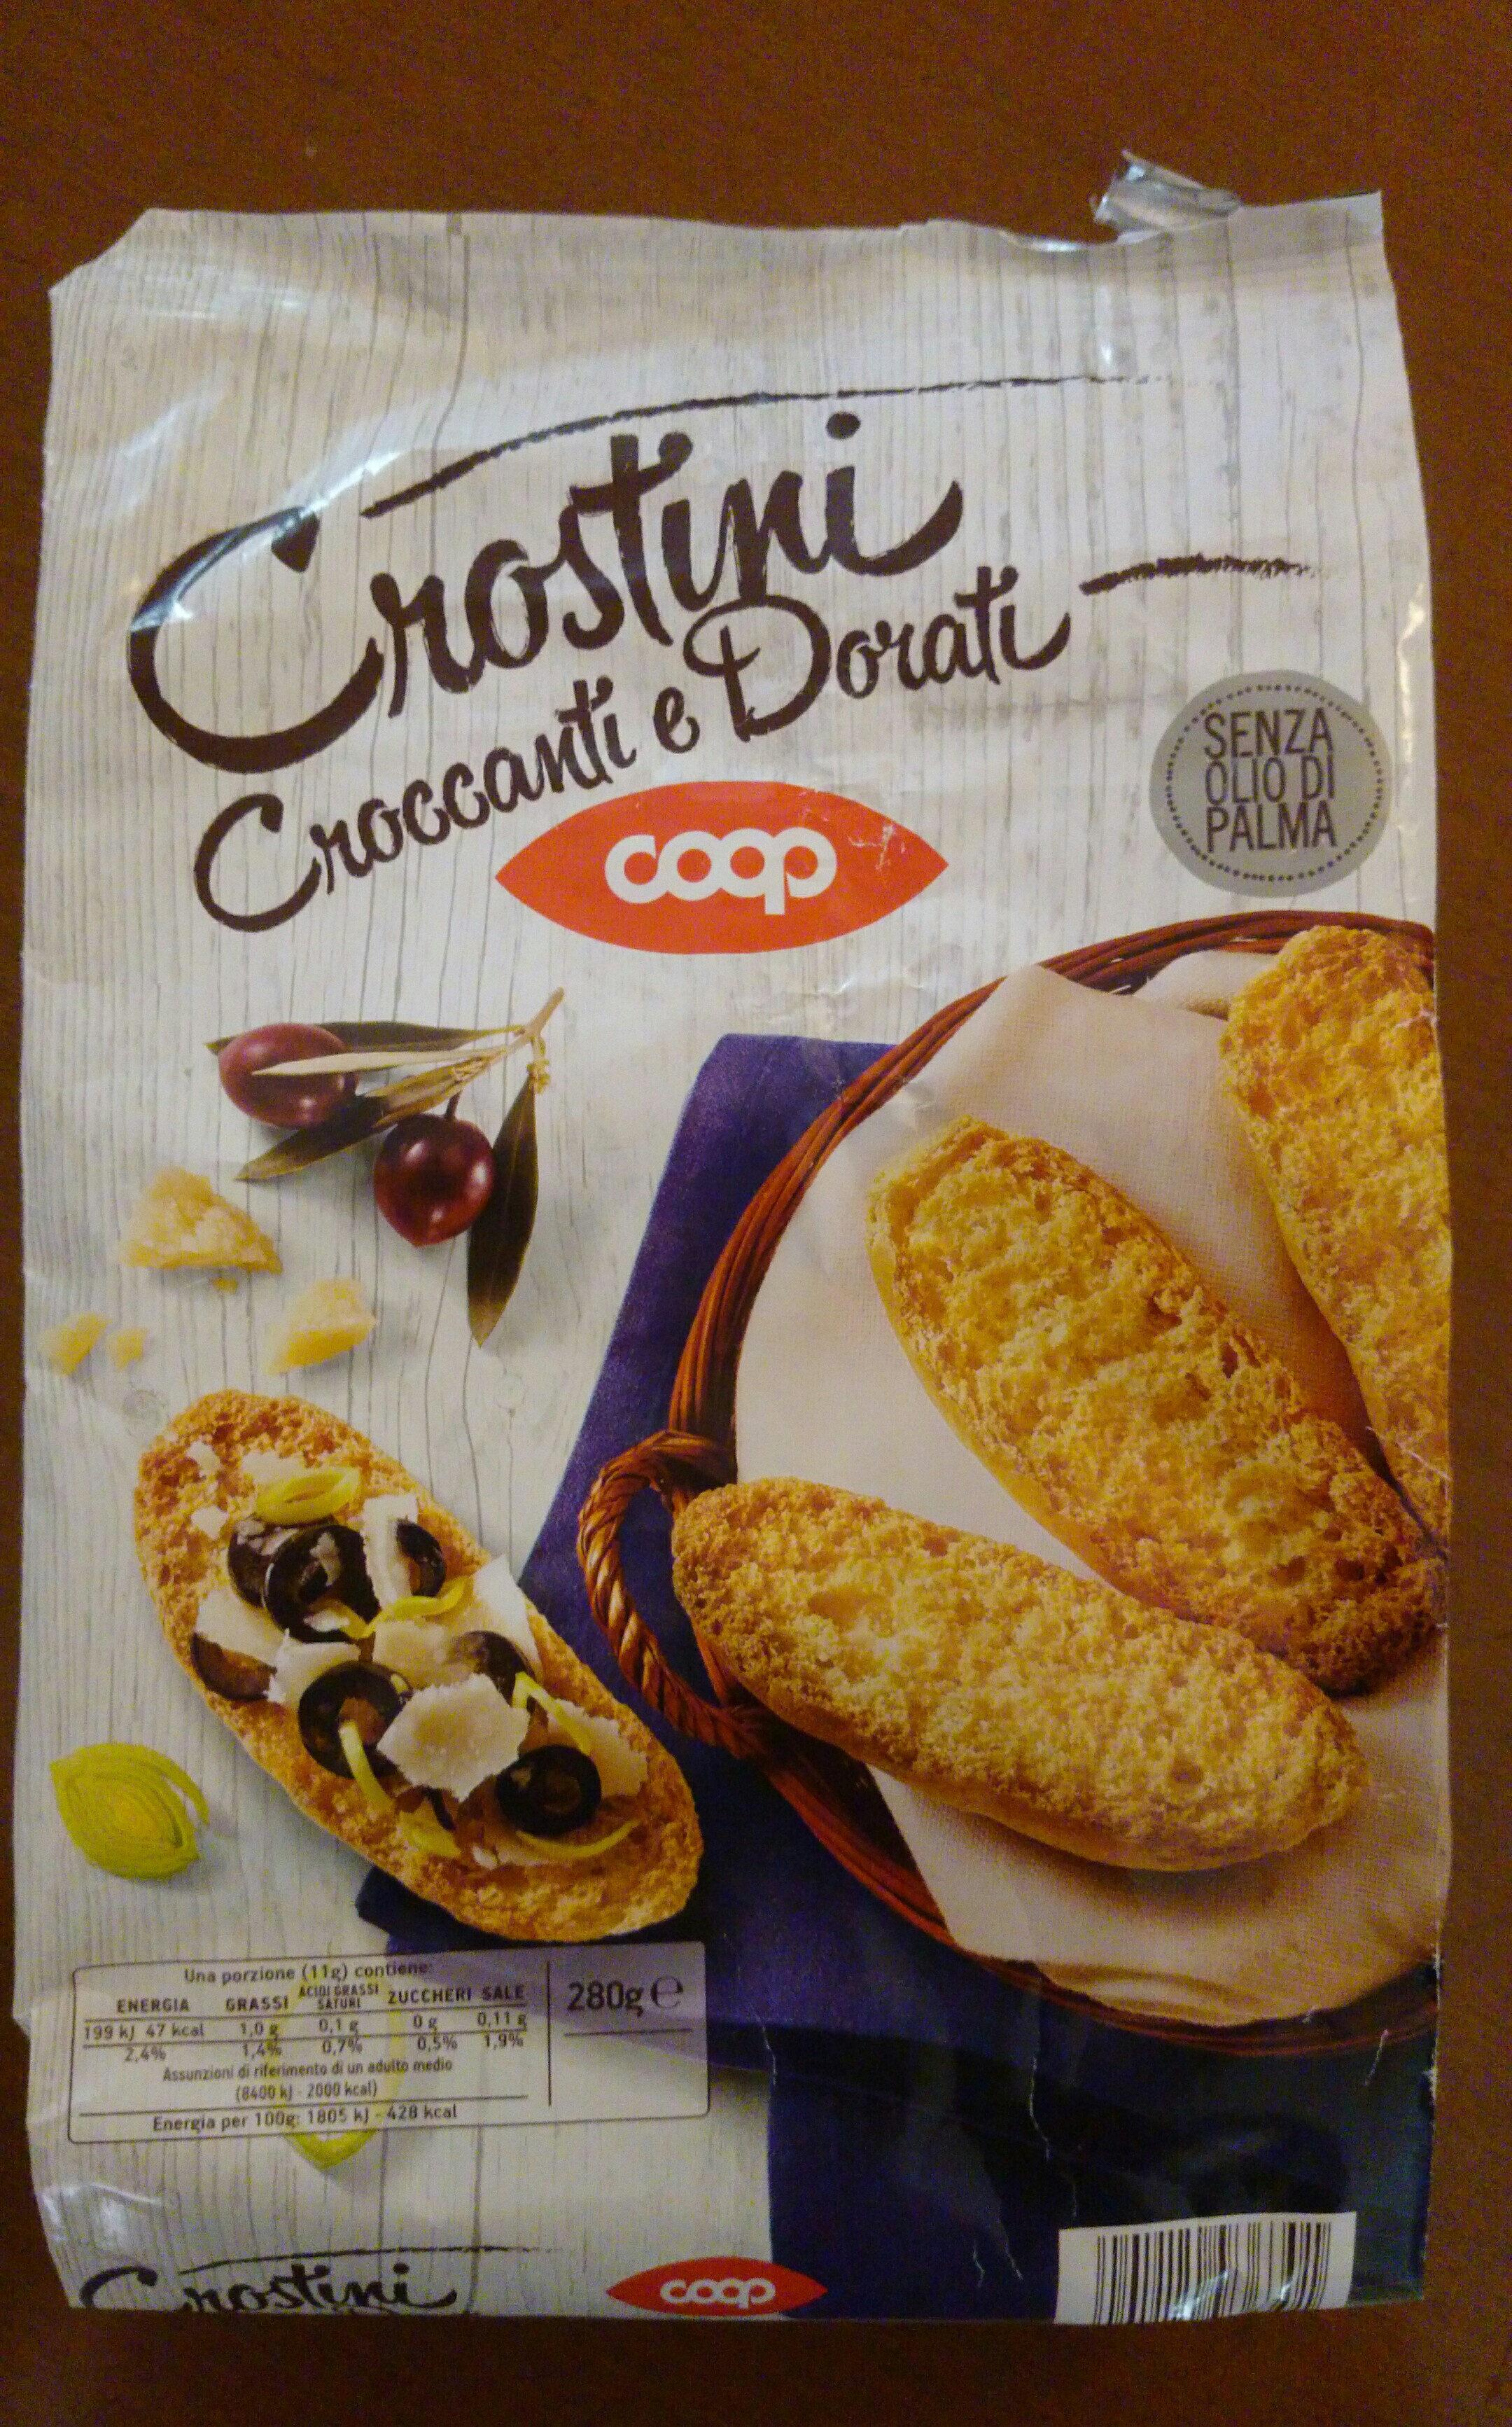 crostini croccanti e dorati - Product